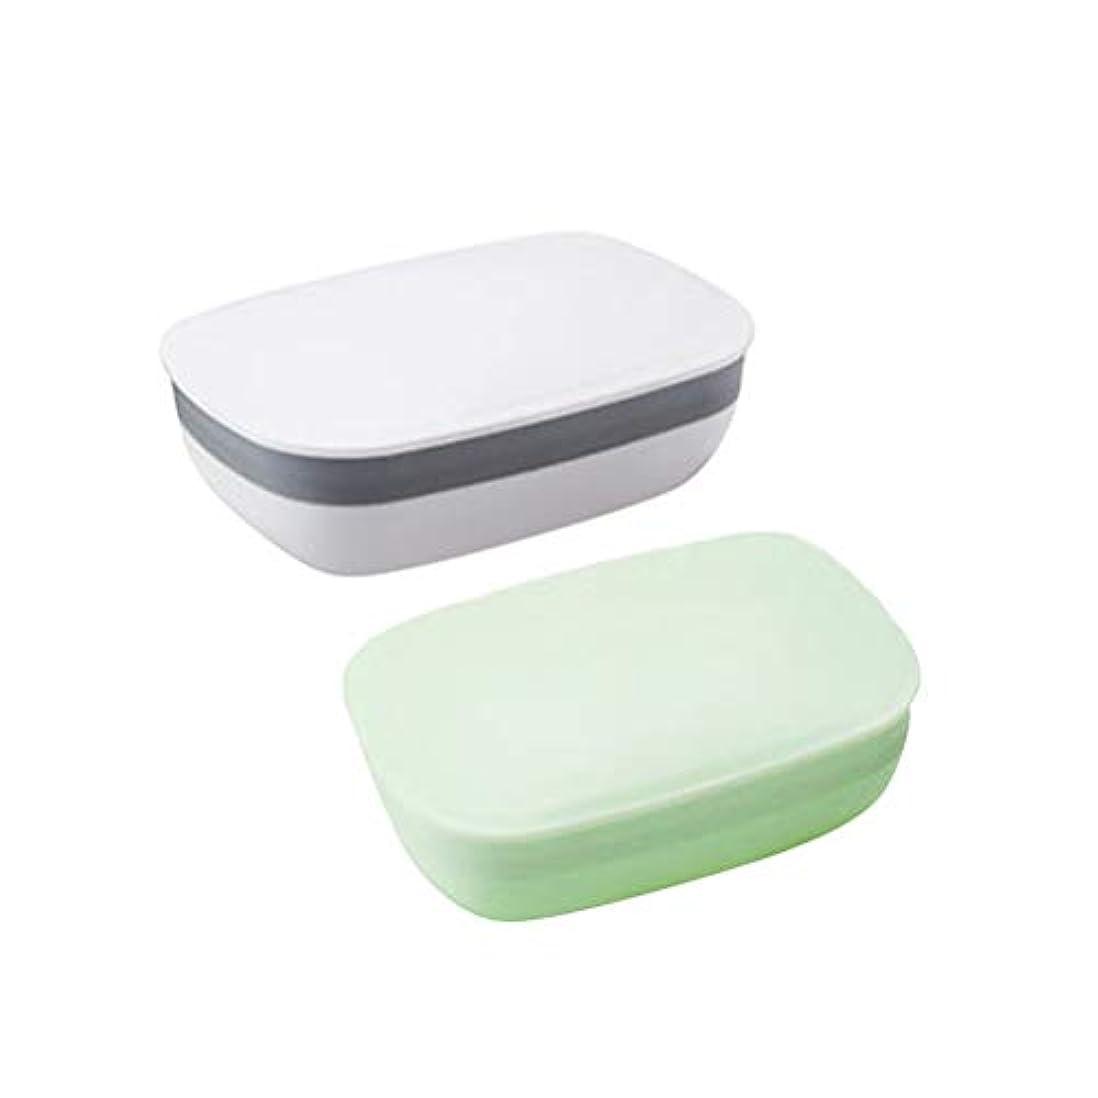 不正直平らにする可決Healifty ソープドレーナープラスチックソープホルダーコンテナソープセーバーボックスケース浴室用シャワーホームアウトドア旅行セット2(ランダムカラー)